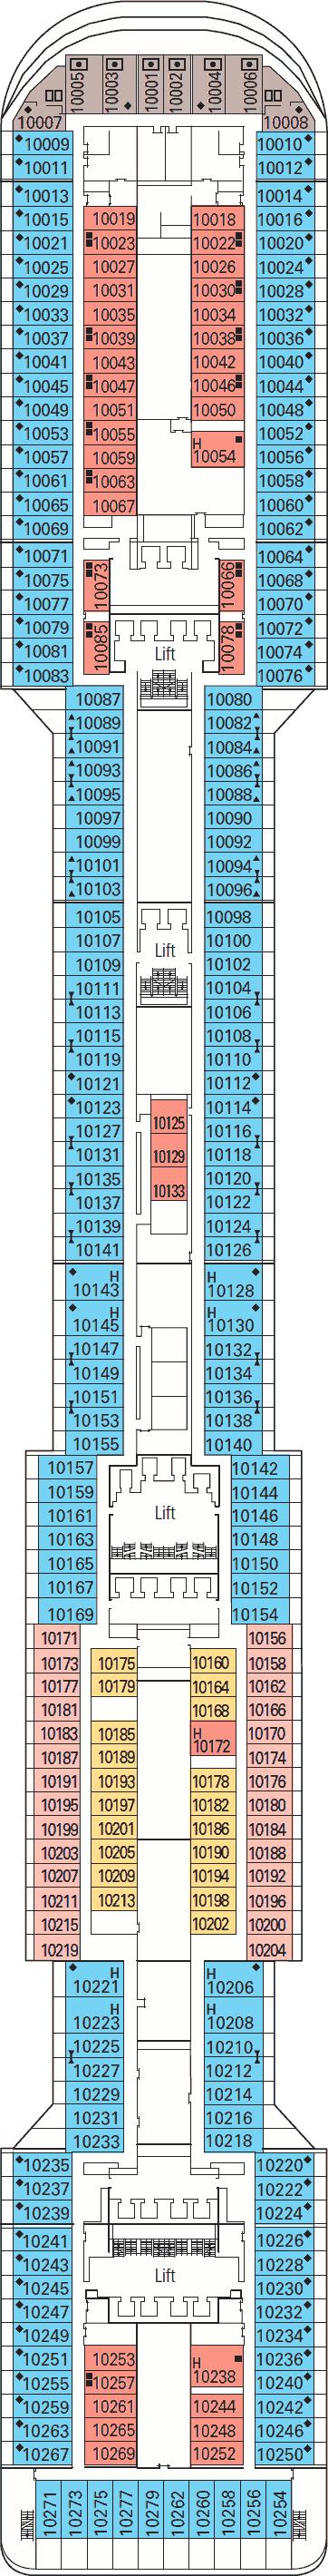 Tormalina Deck